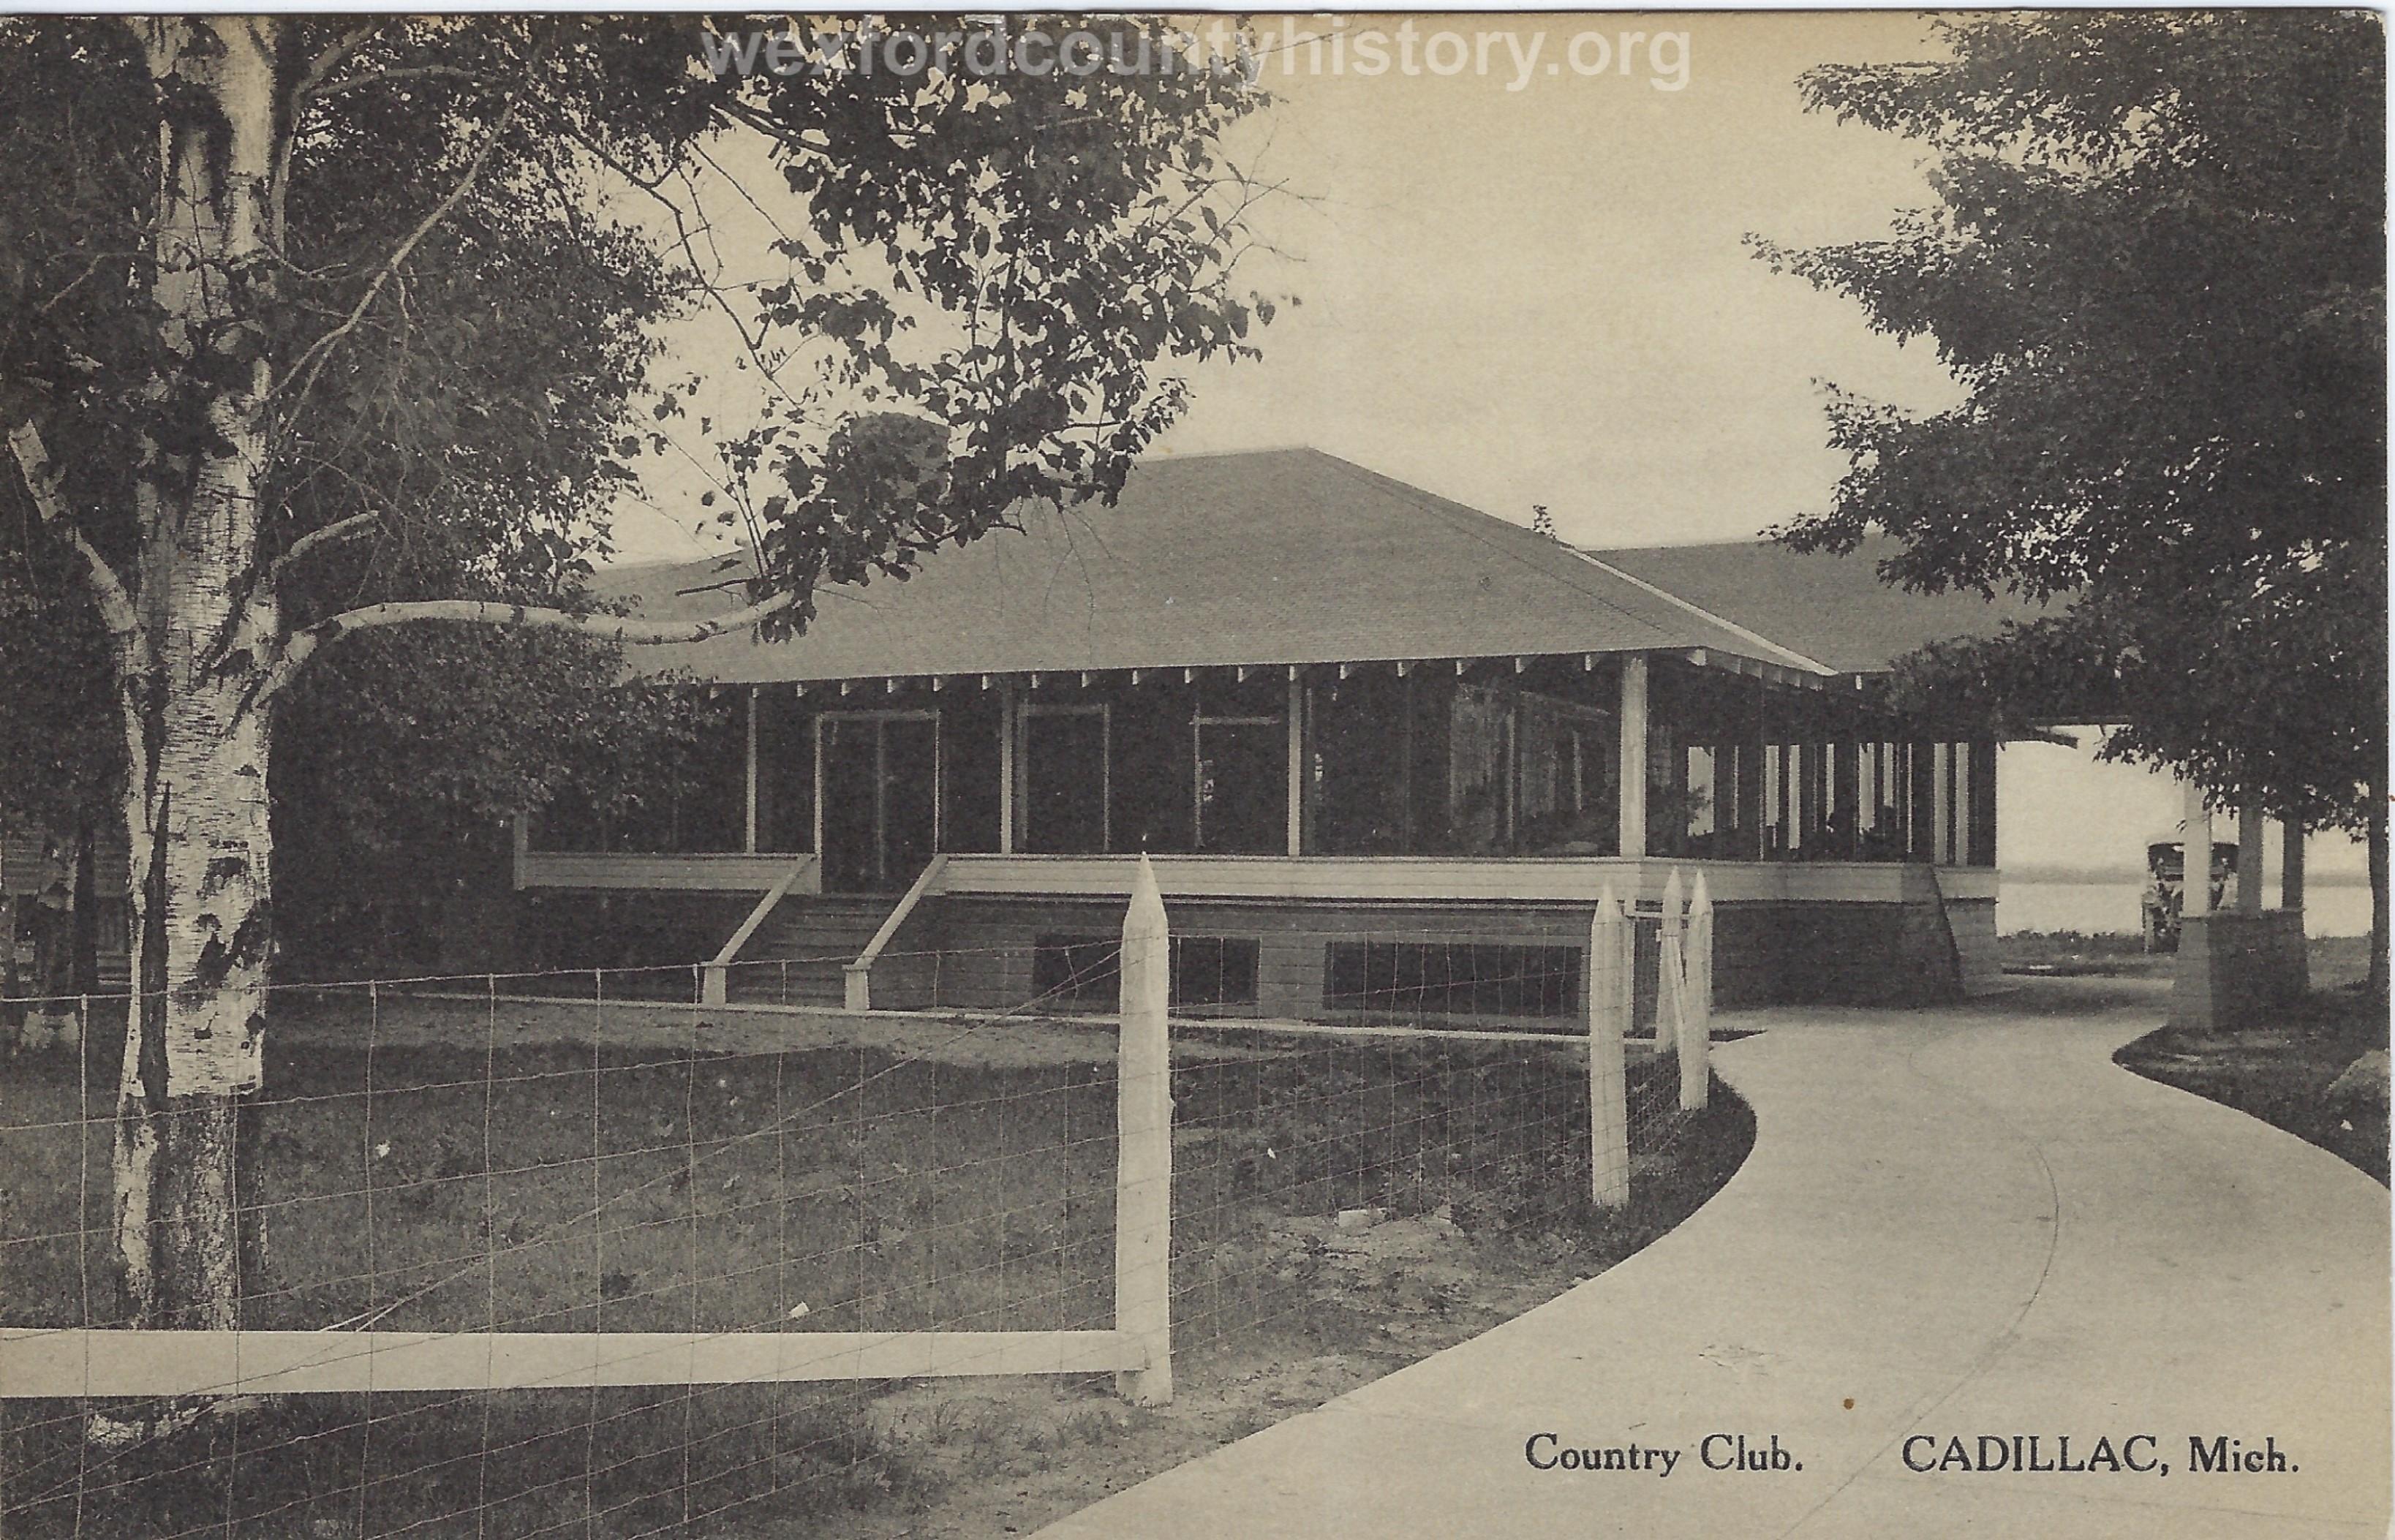 Cadillac Country Club